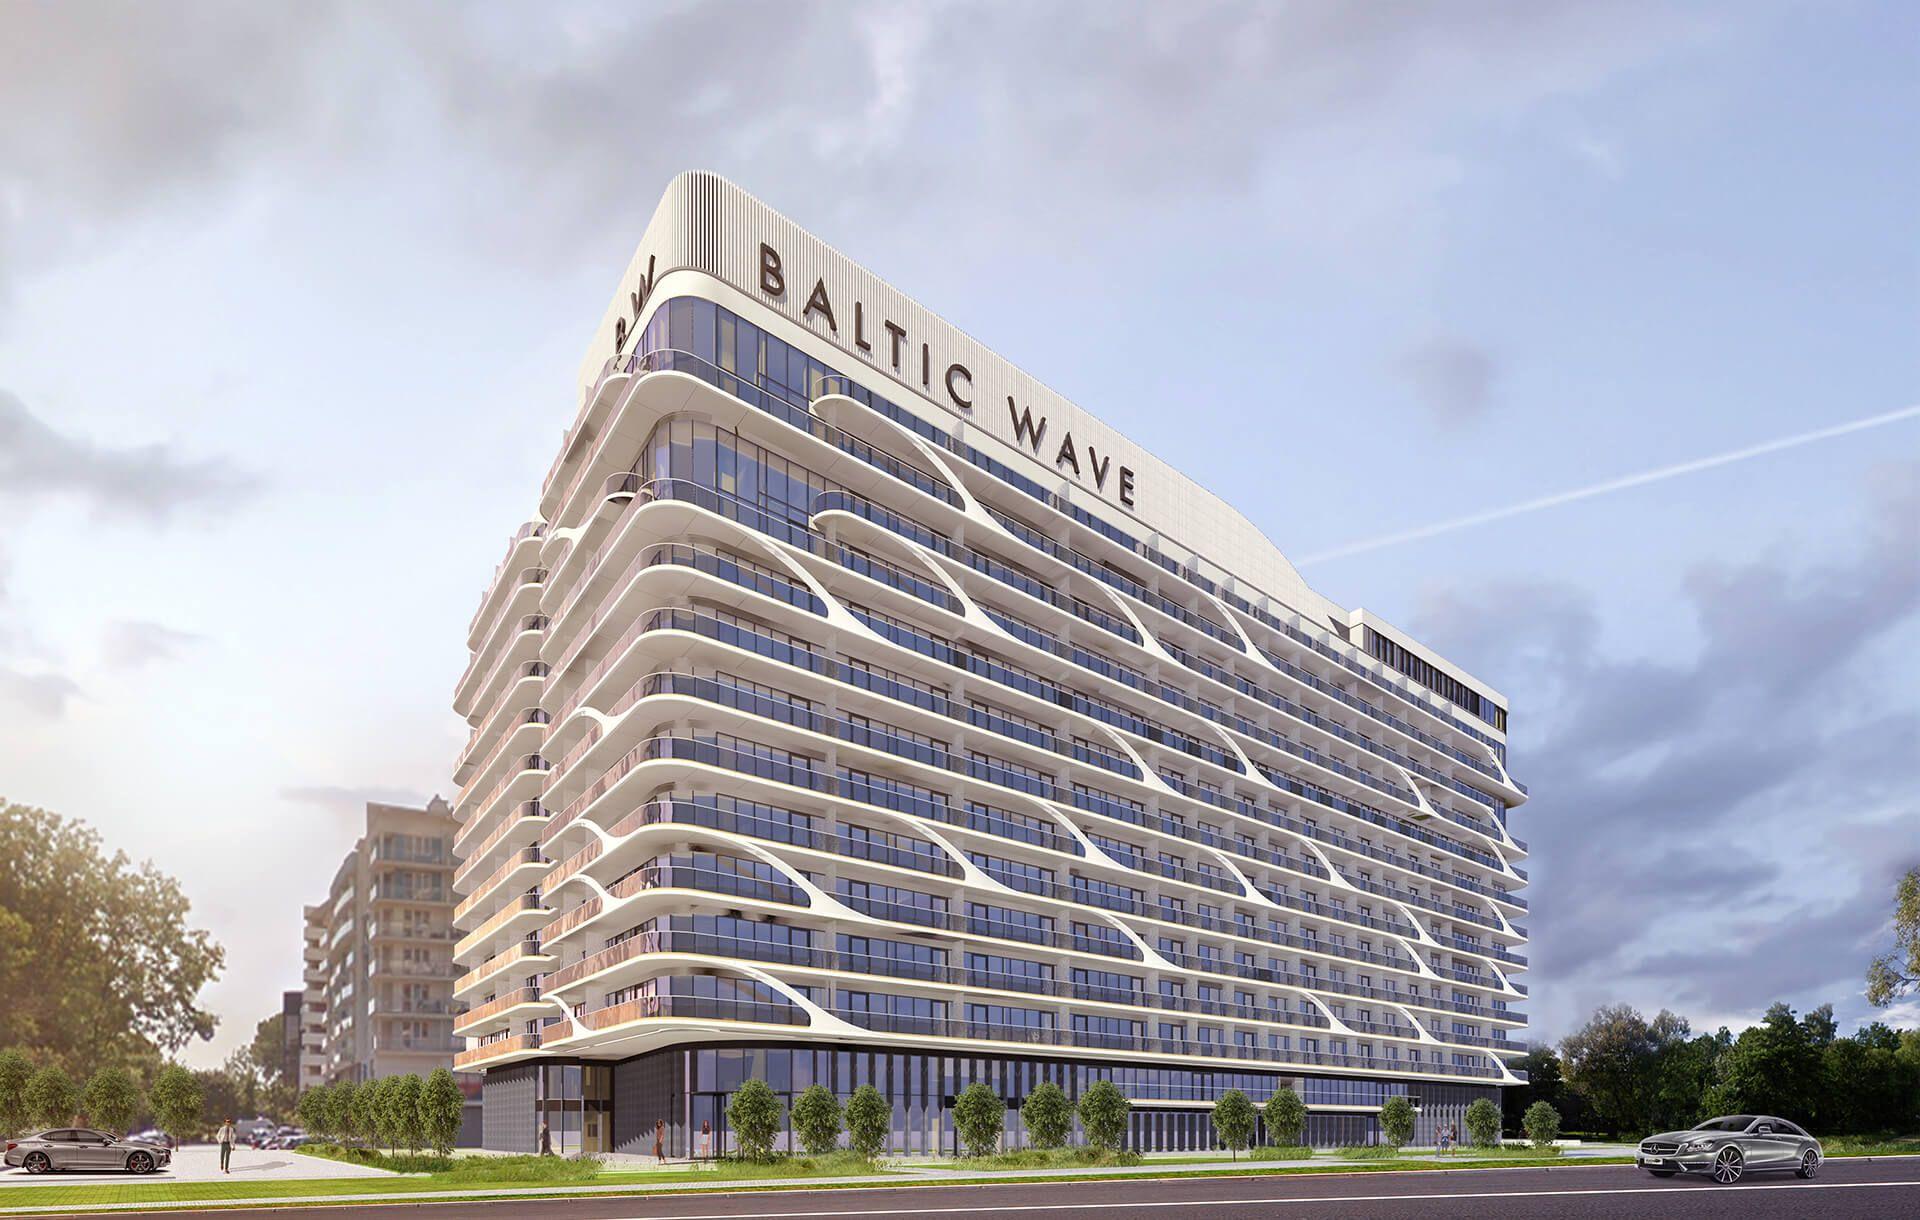 [zachodniopomorskie] Budowa condohotelu Baltic Wave w Kołobrzegu wystartowała